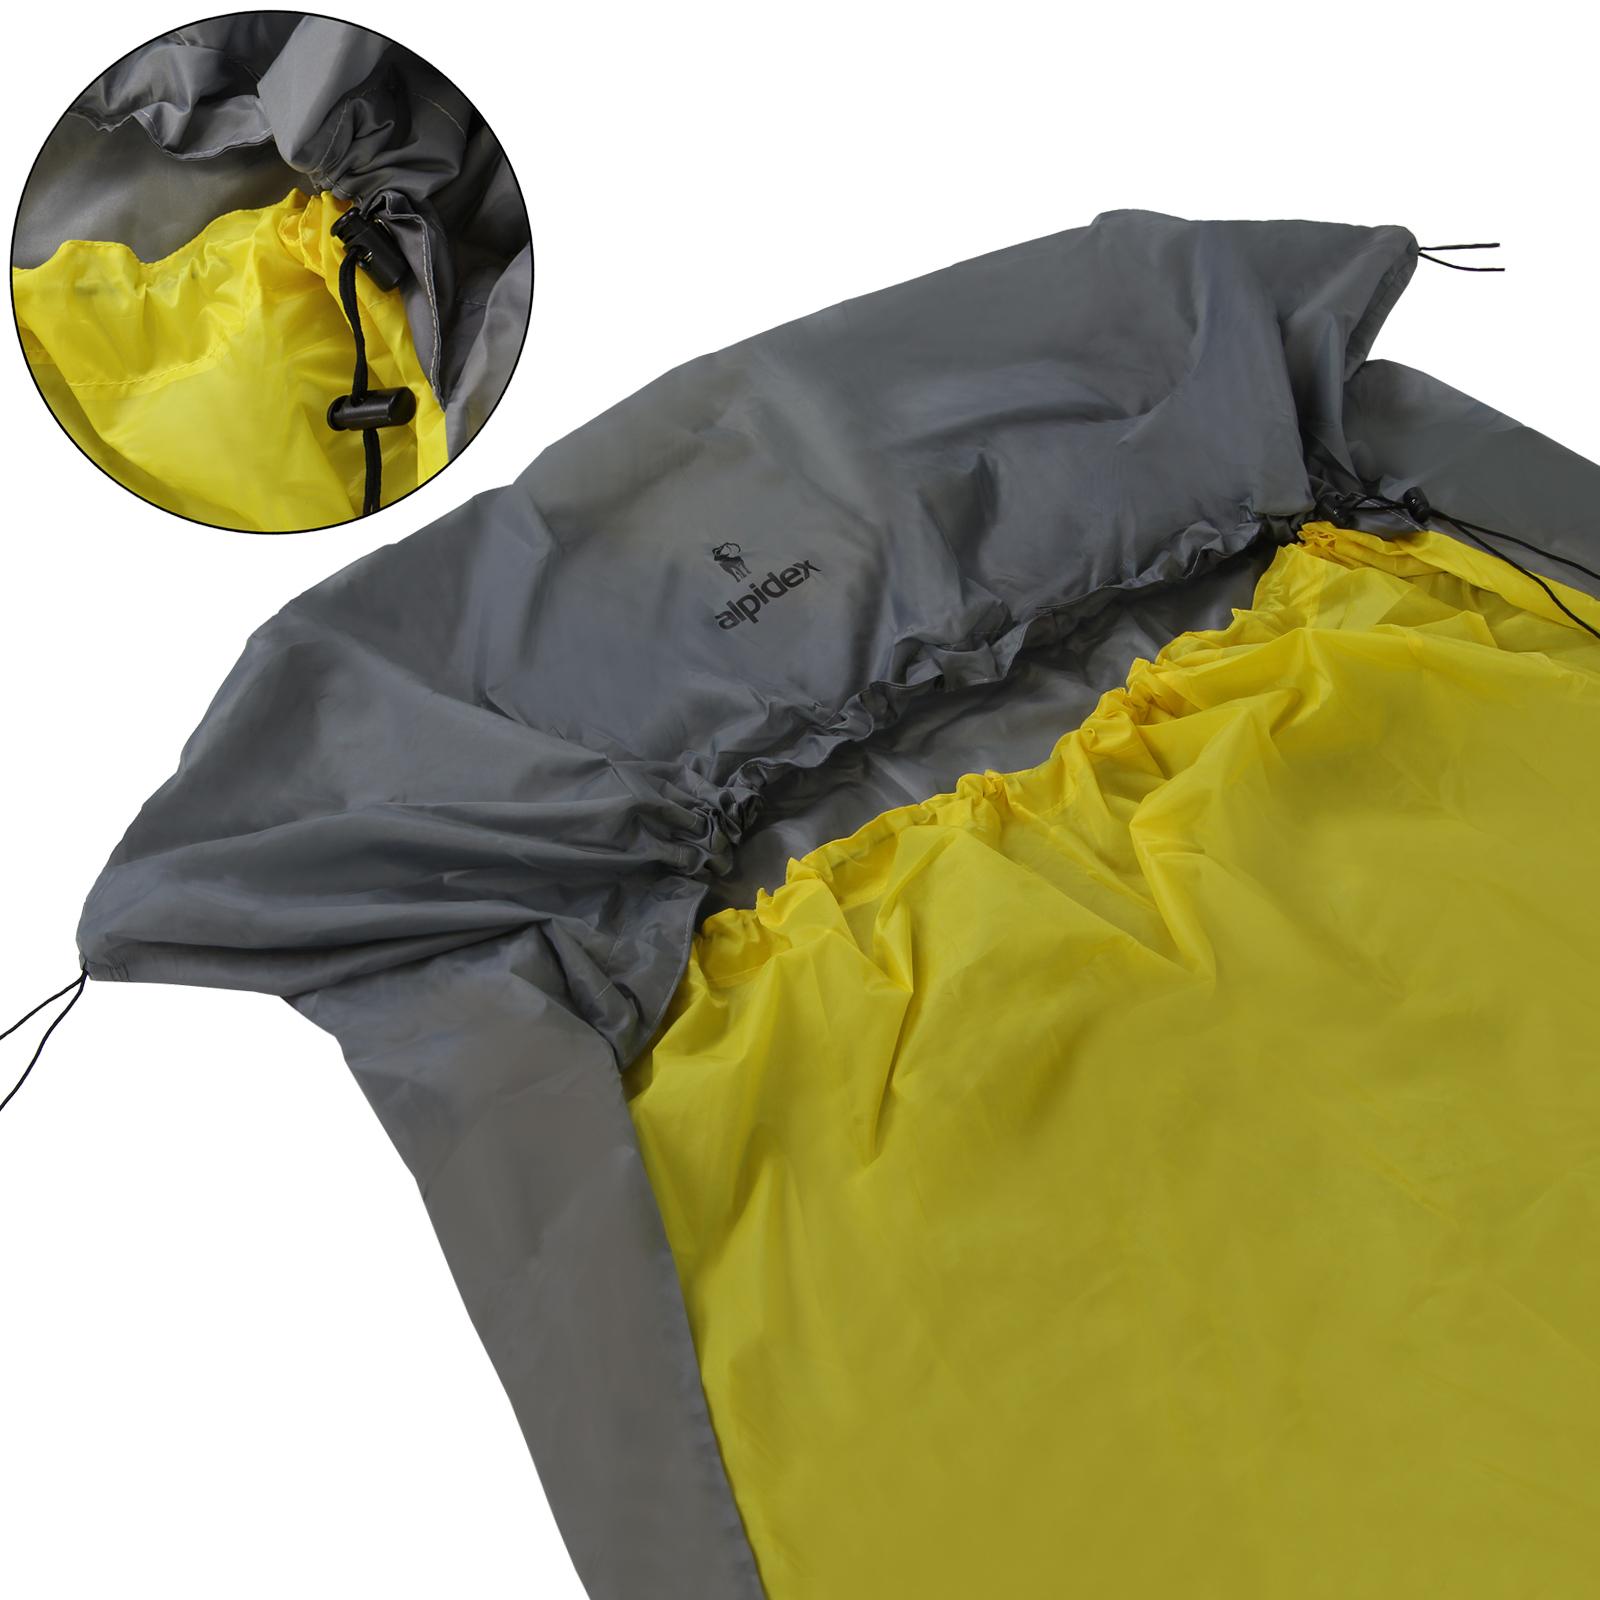 wähle spätestens neuer Stil von 2019 Ausverkauf ALPIDEX wasserdichter Biwaksack in verschiedenen Größen für ...